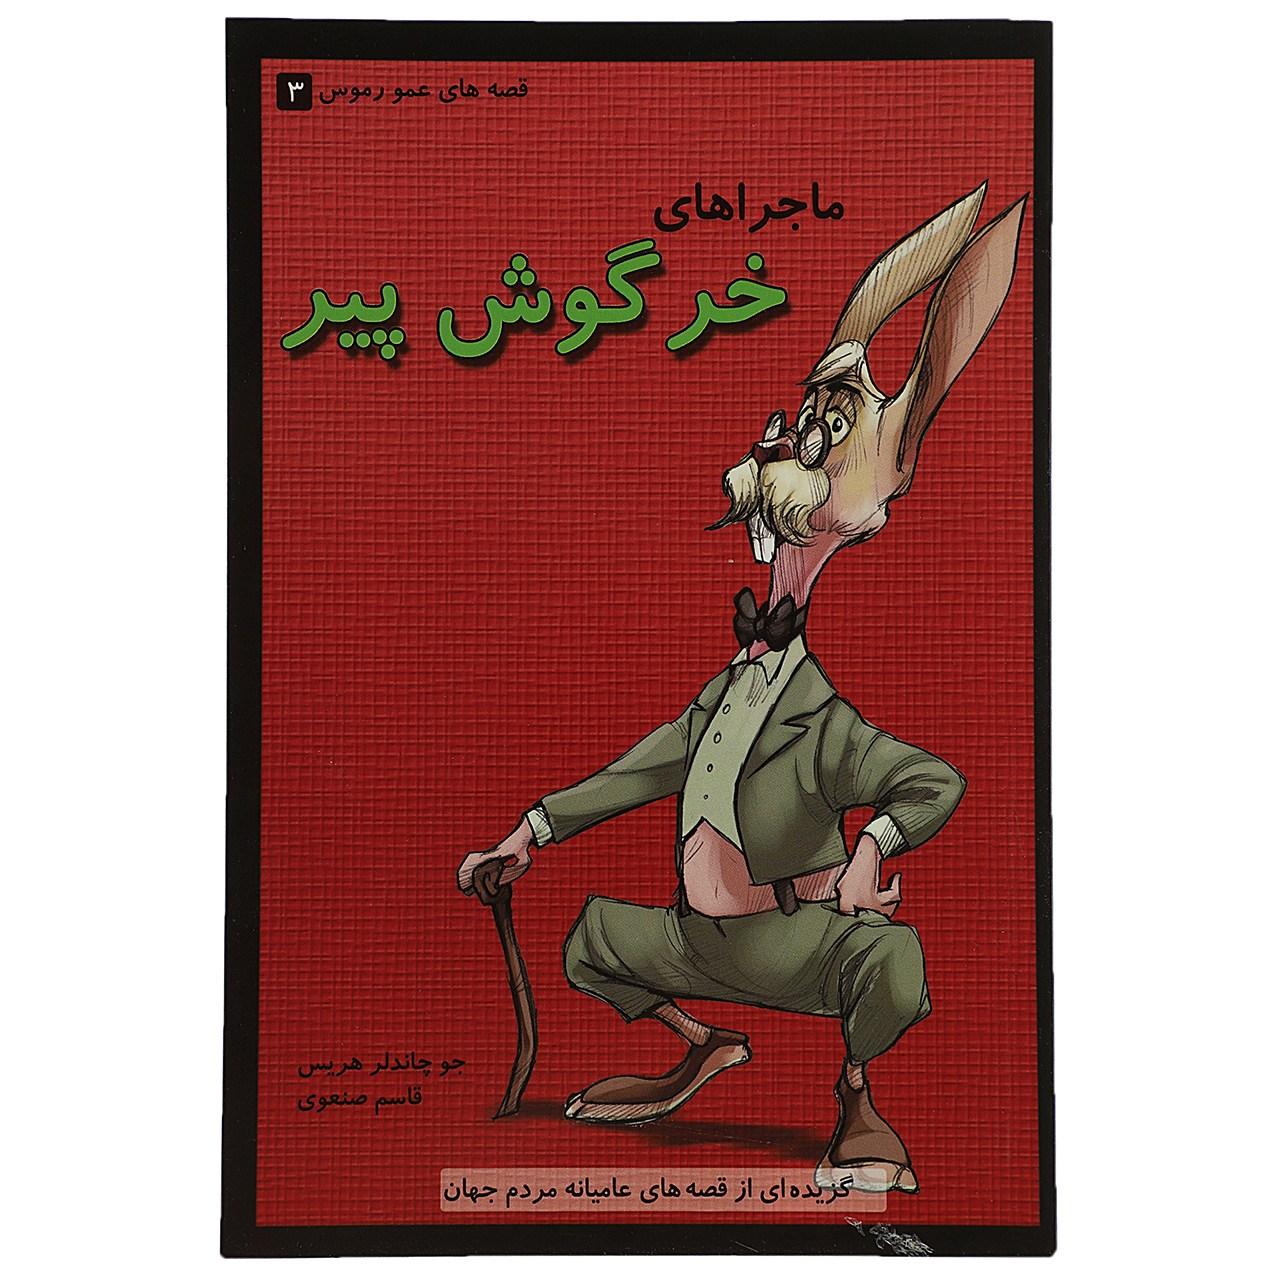 کتاب قصه عمو رموس 3 ماجراهای خرگوش پیر اثر جو چاندلر هریس